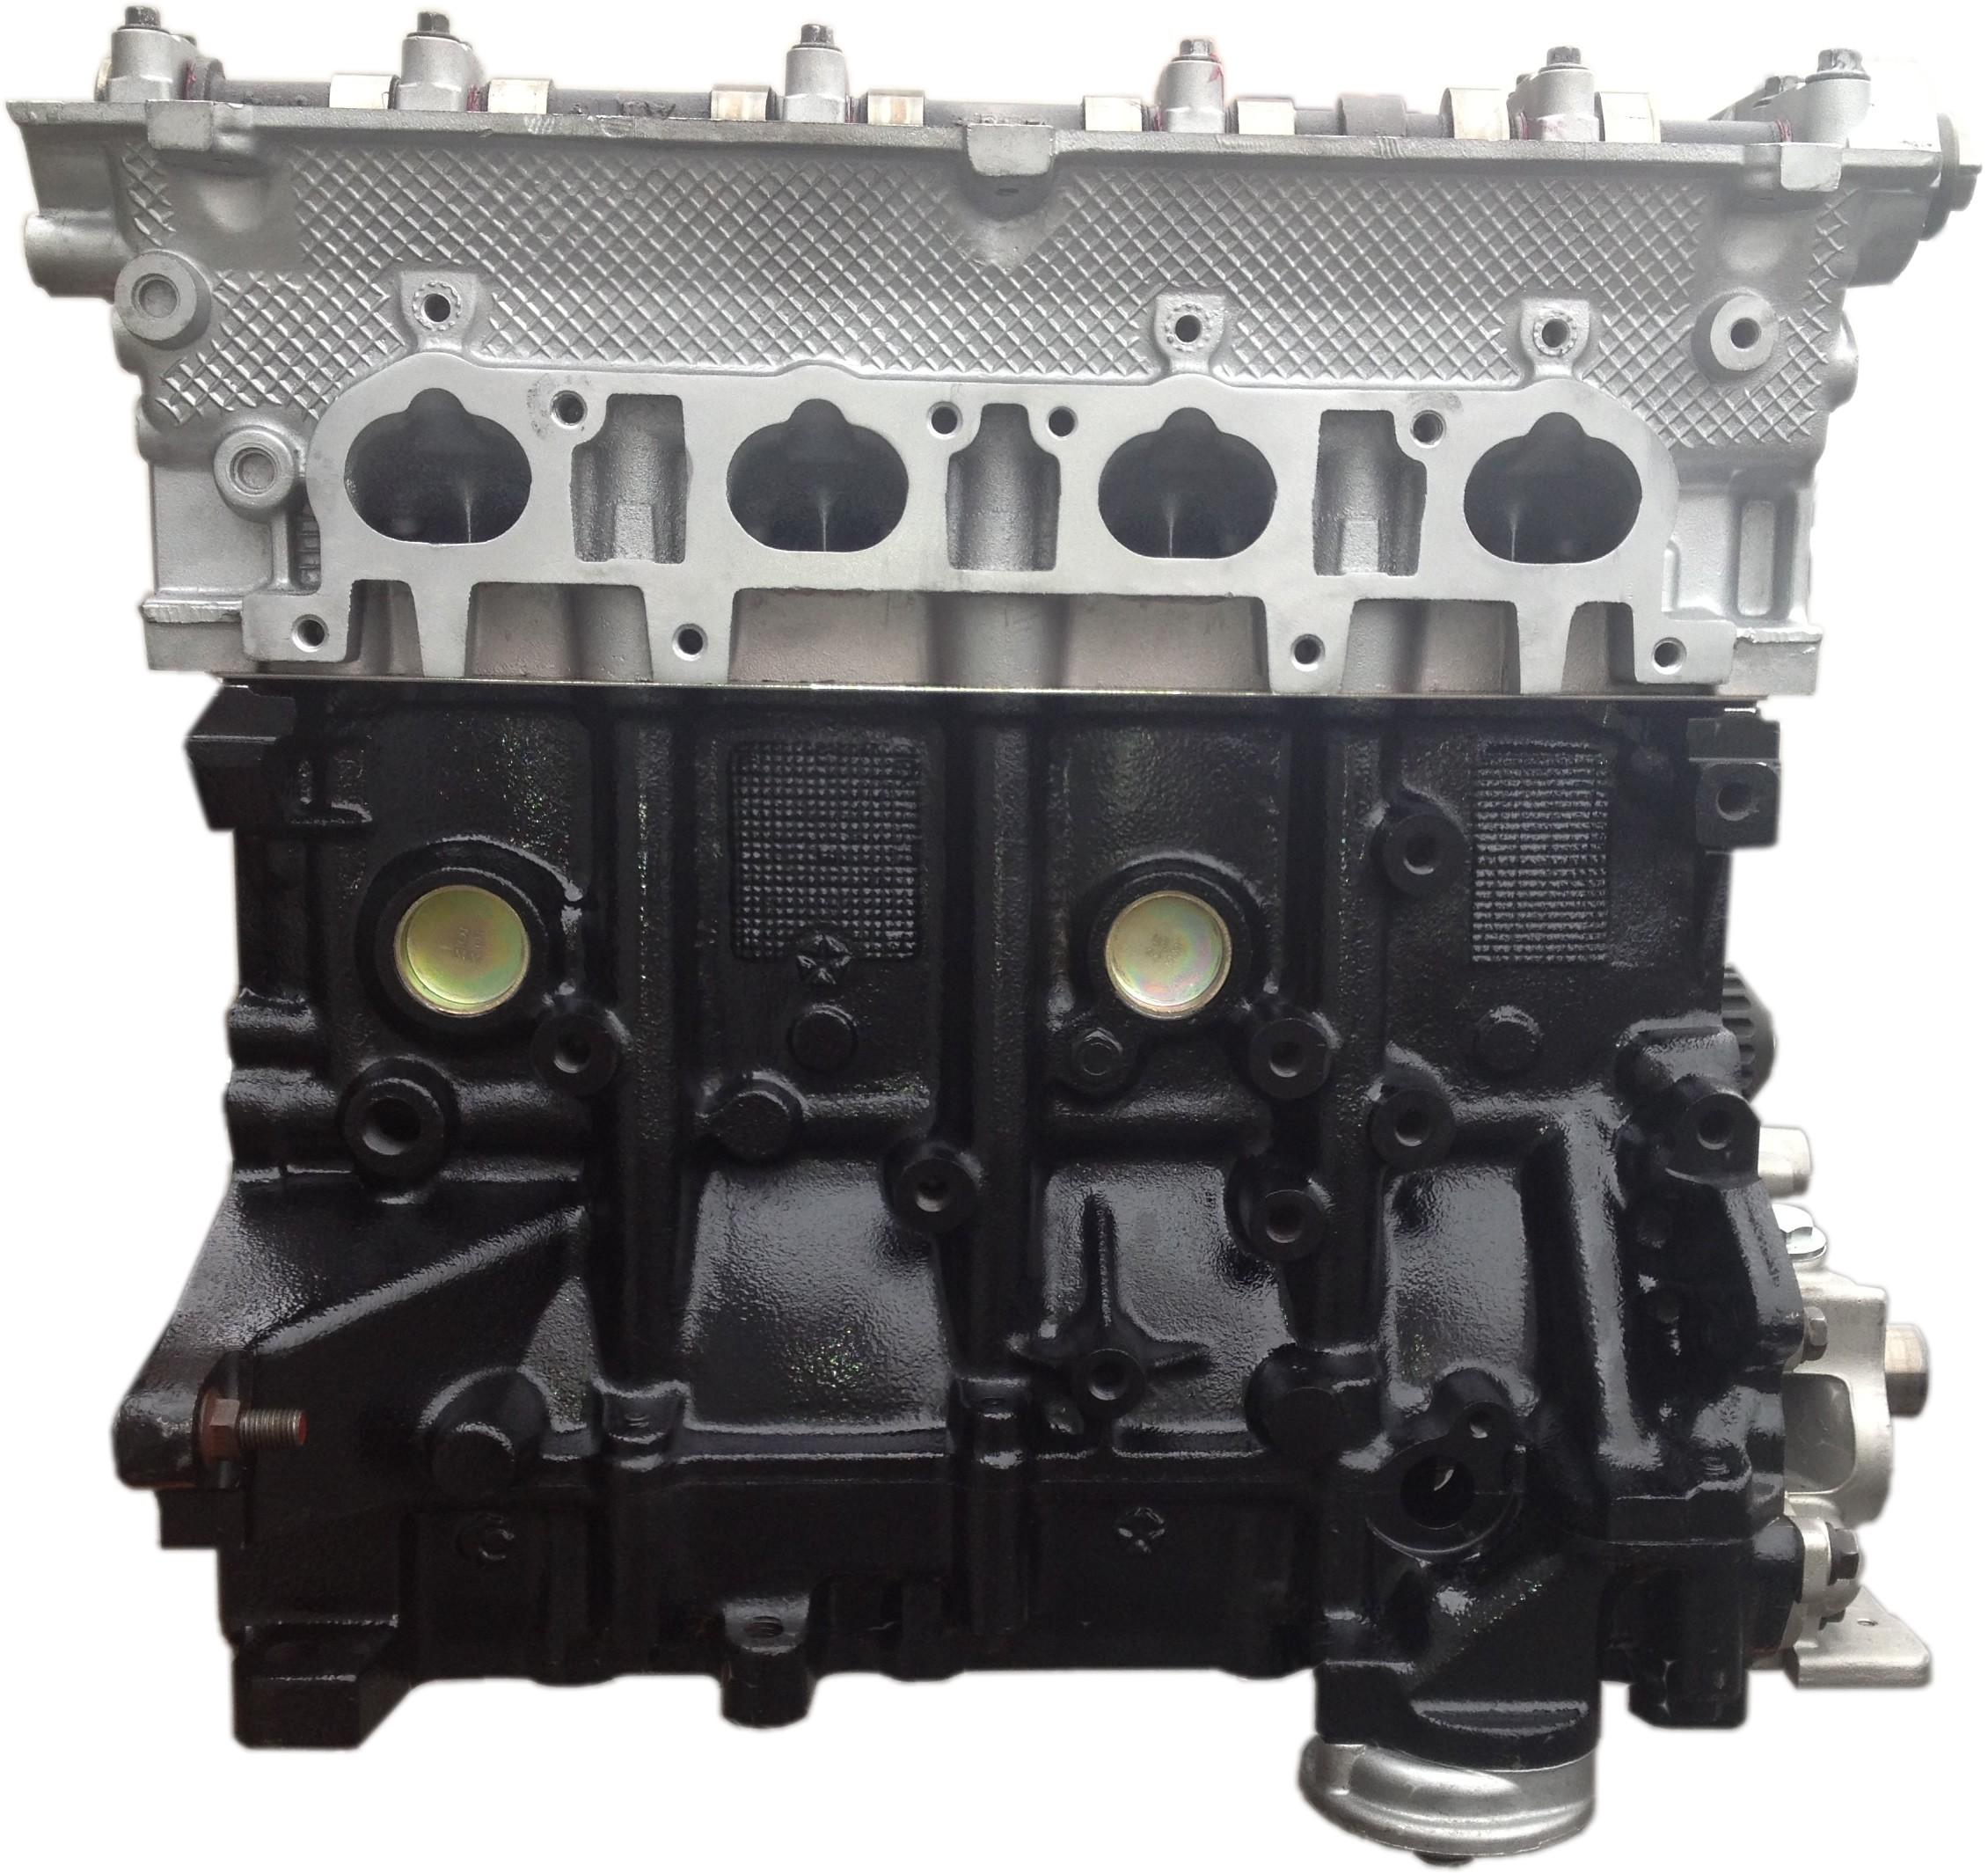 2 0l Engine: Rebuilt 95-99 Mitsubishi Eclipse Non Turbo 2.0L 420A DOHC